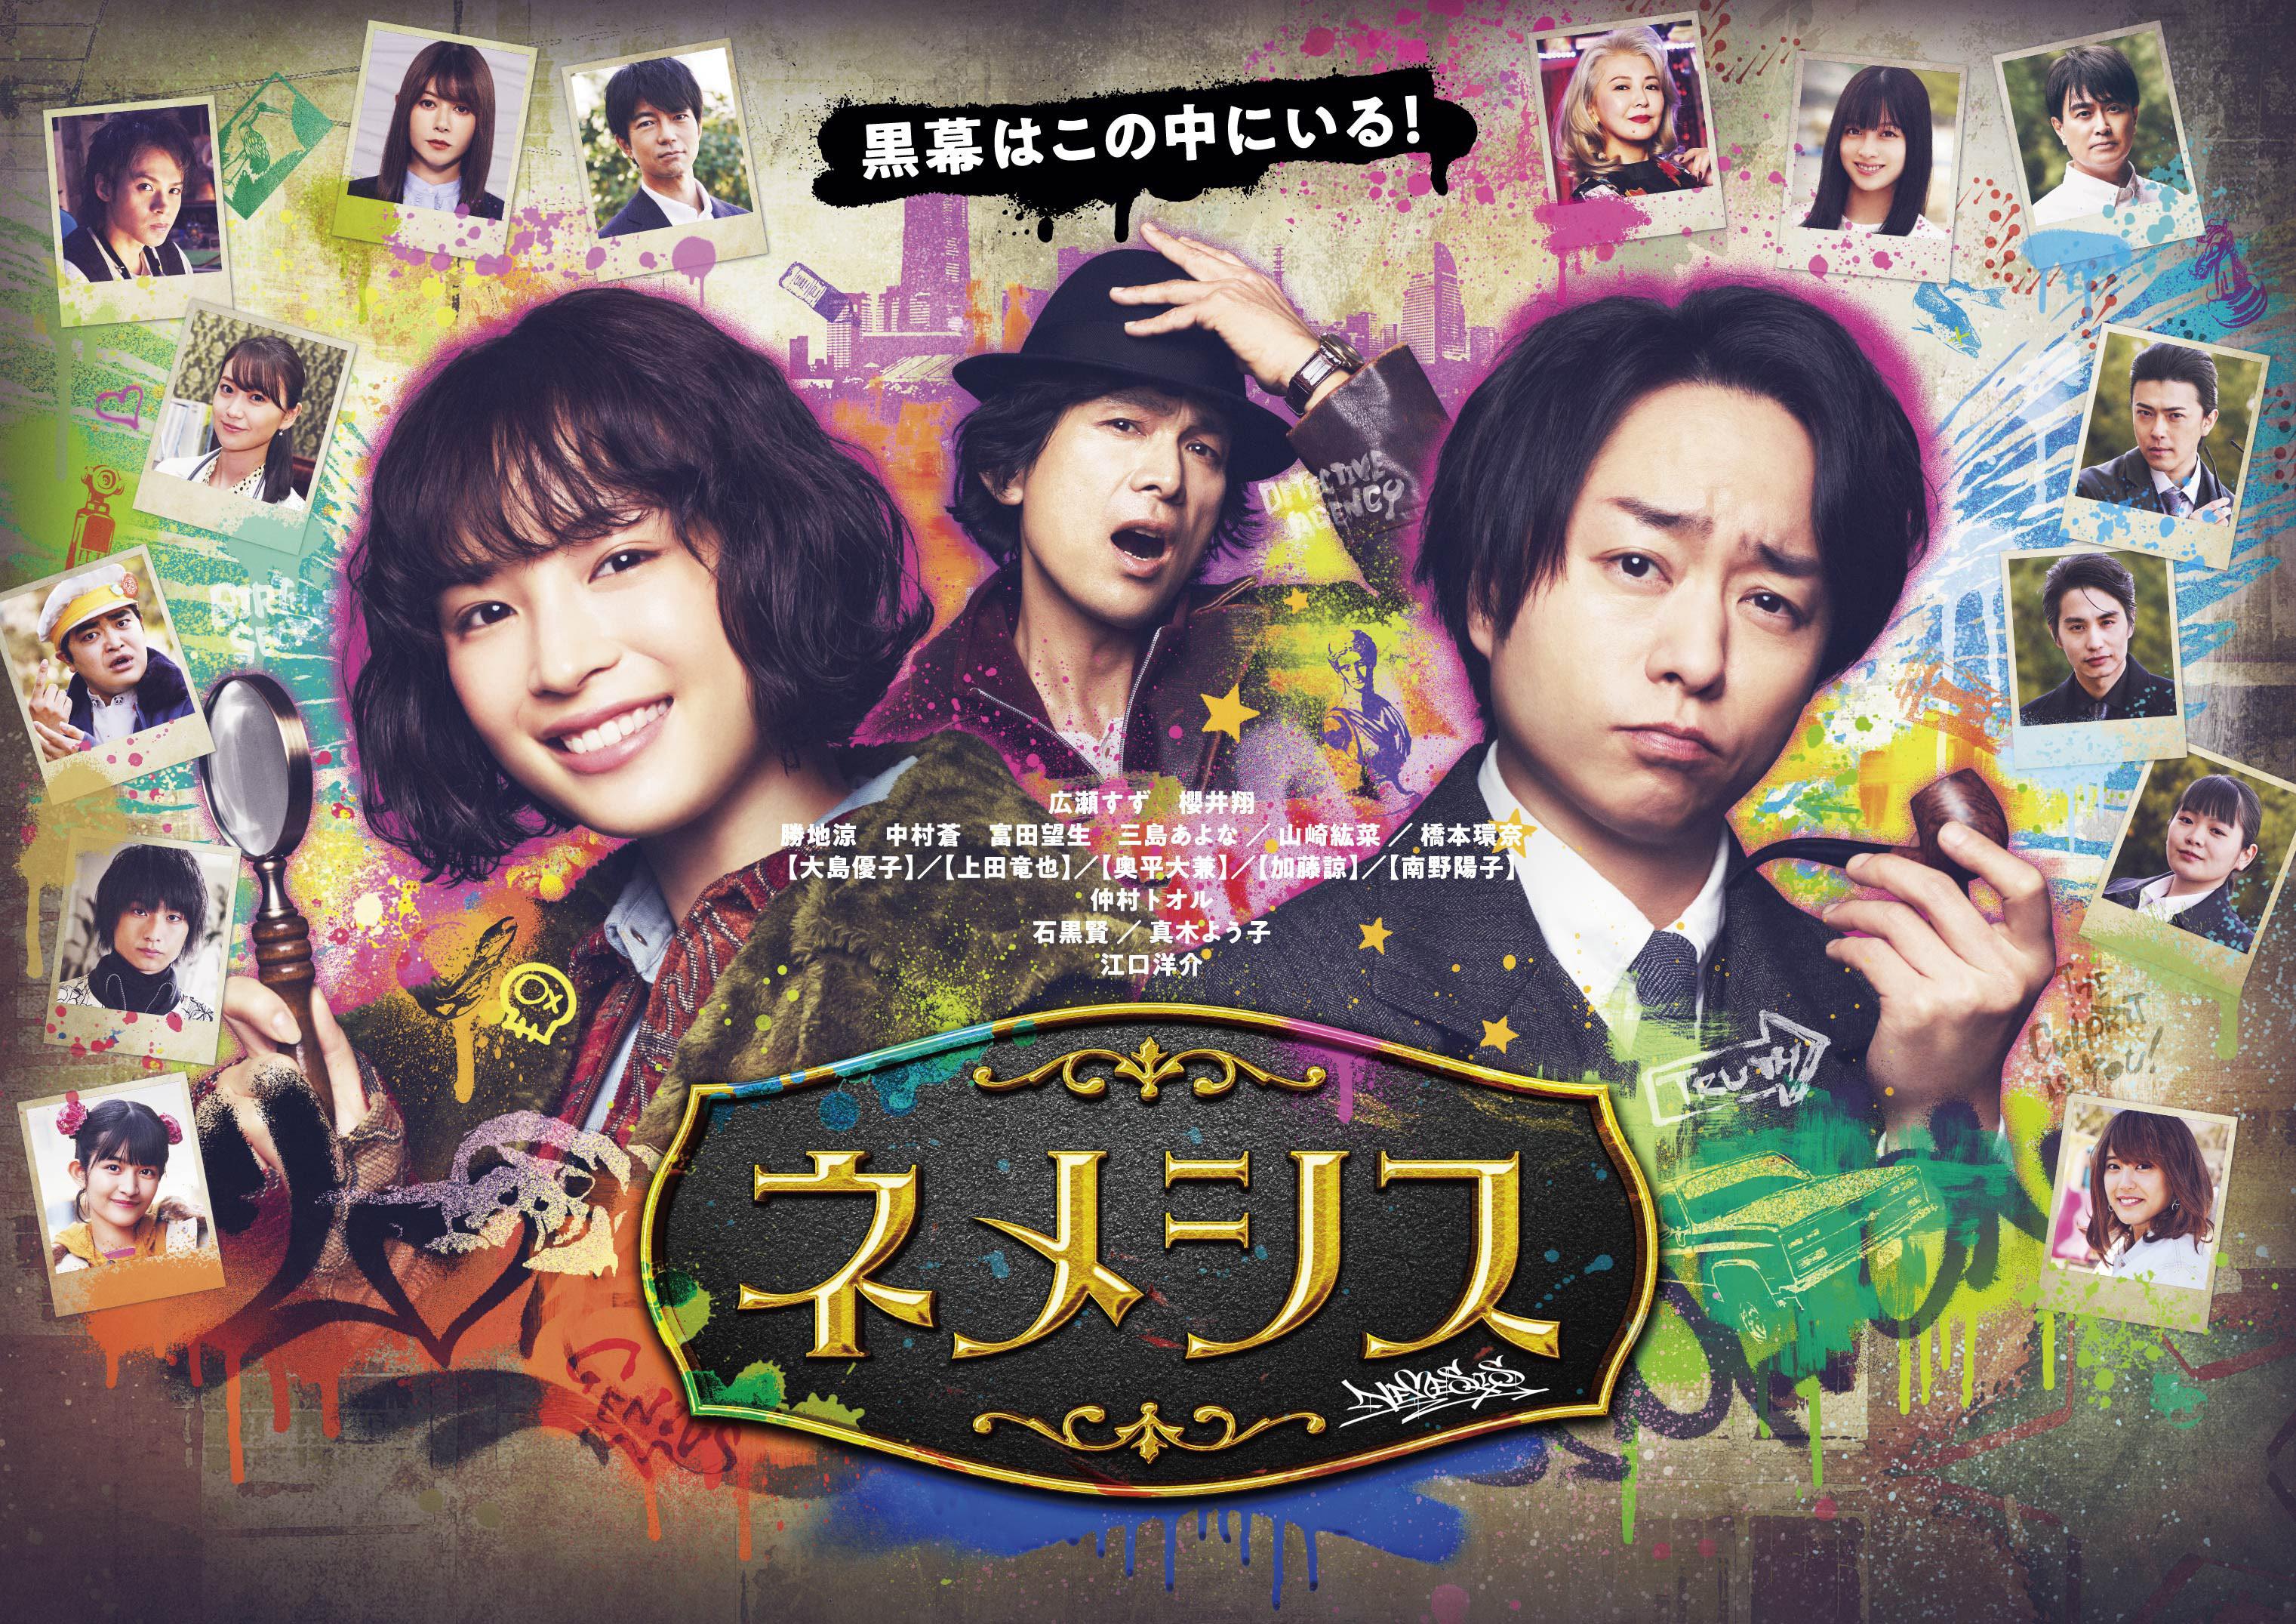 ドラマ『ネメシス』新メインビジュアル (C)日本テレビ